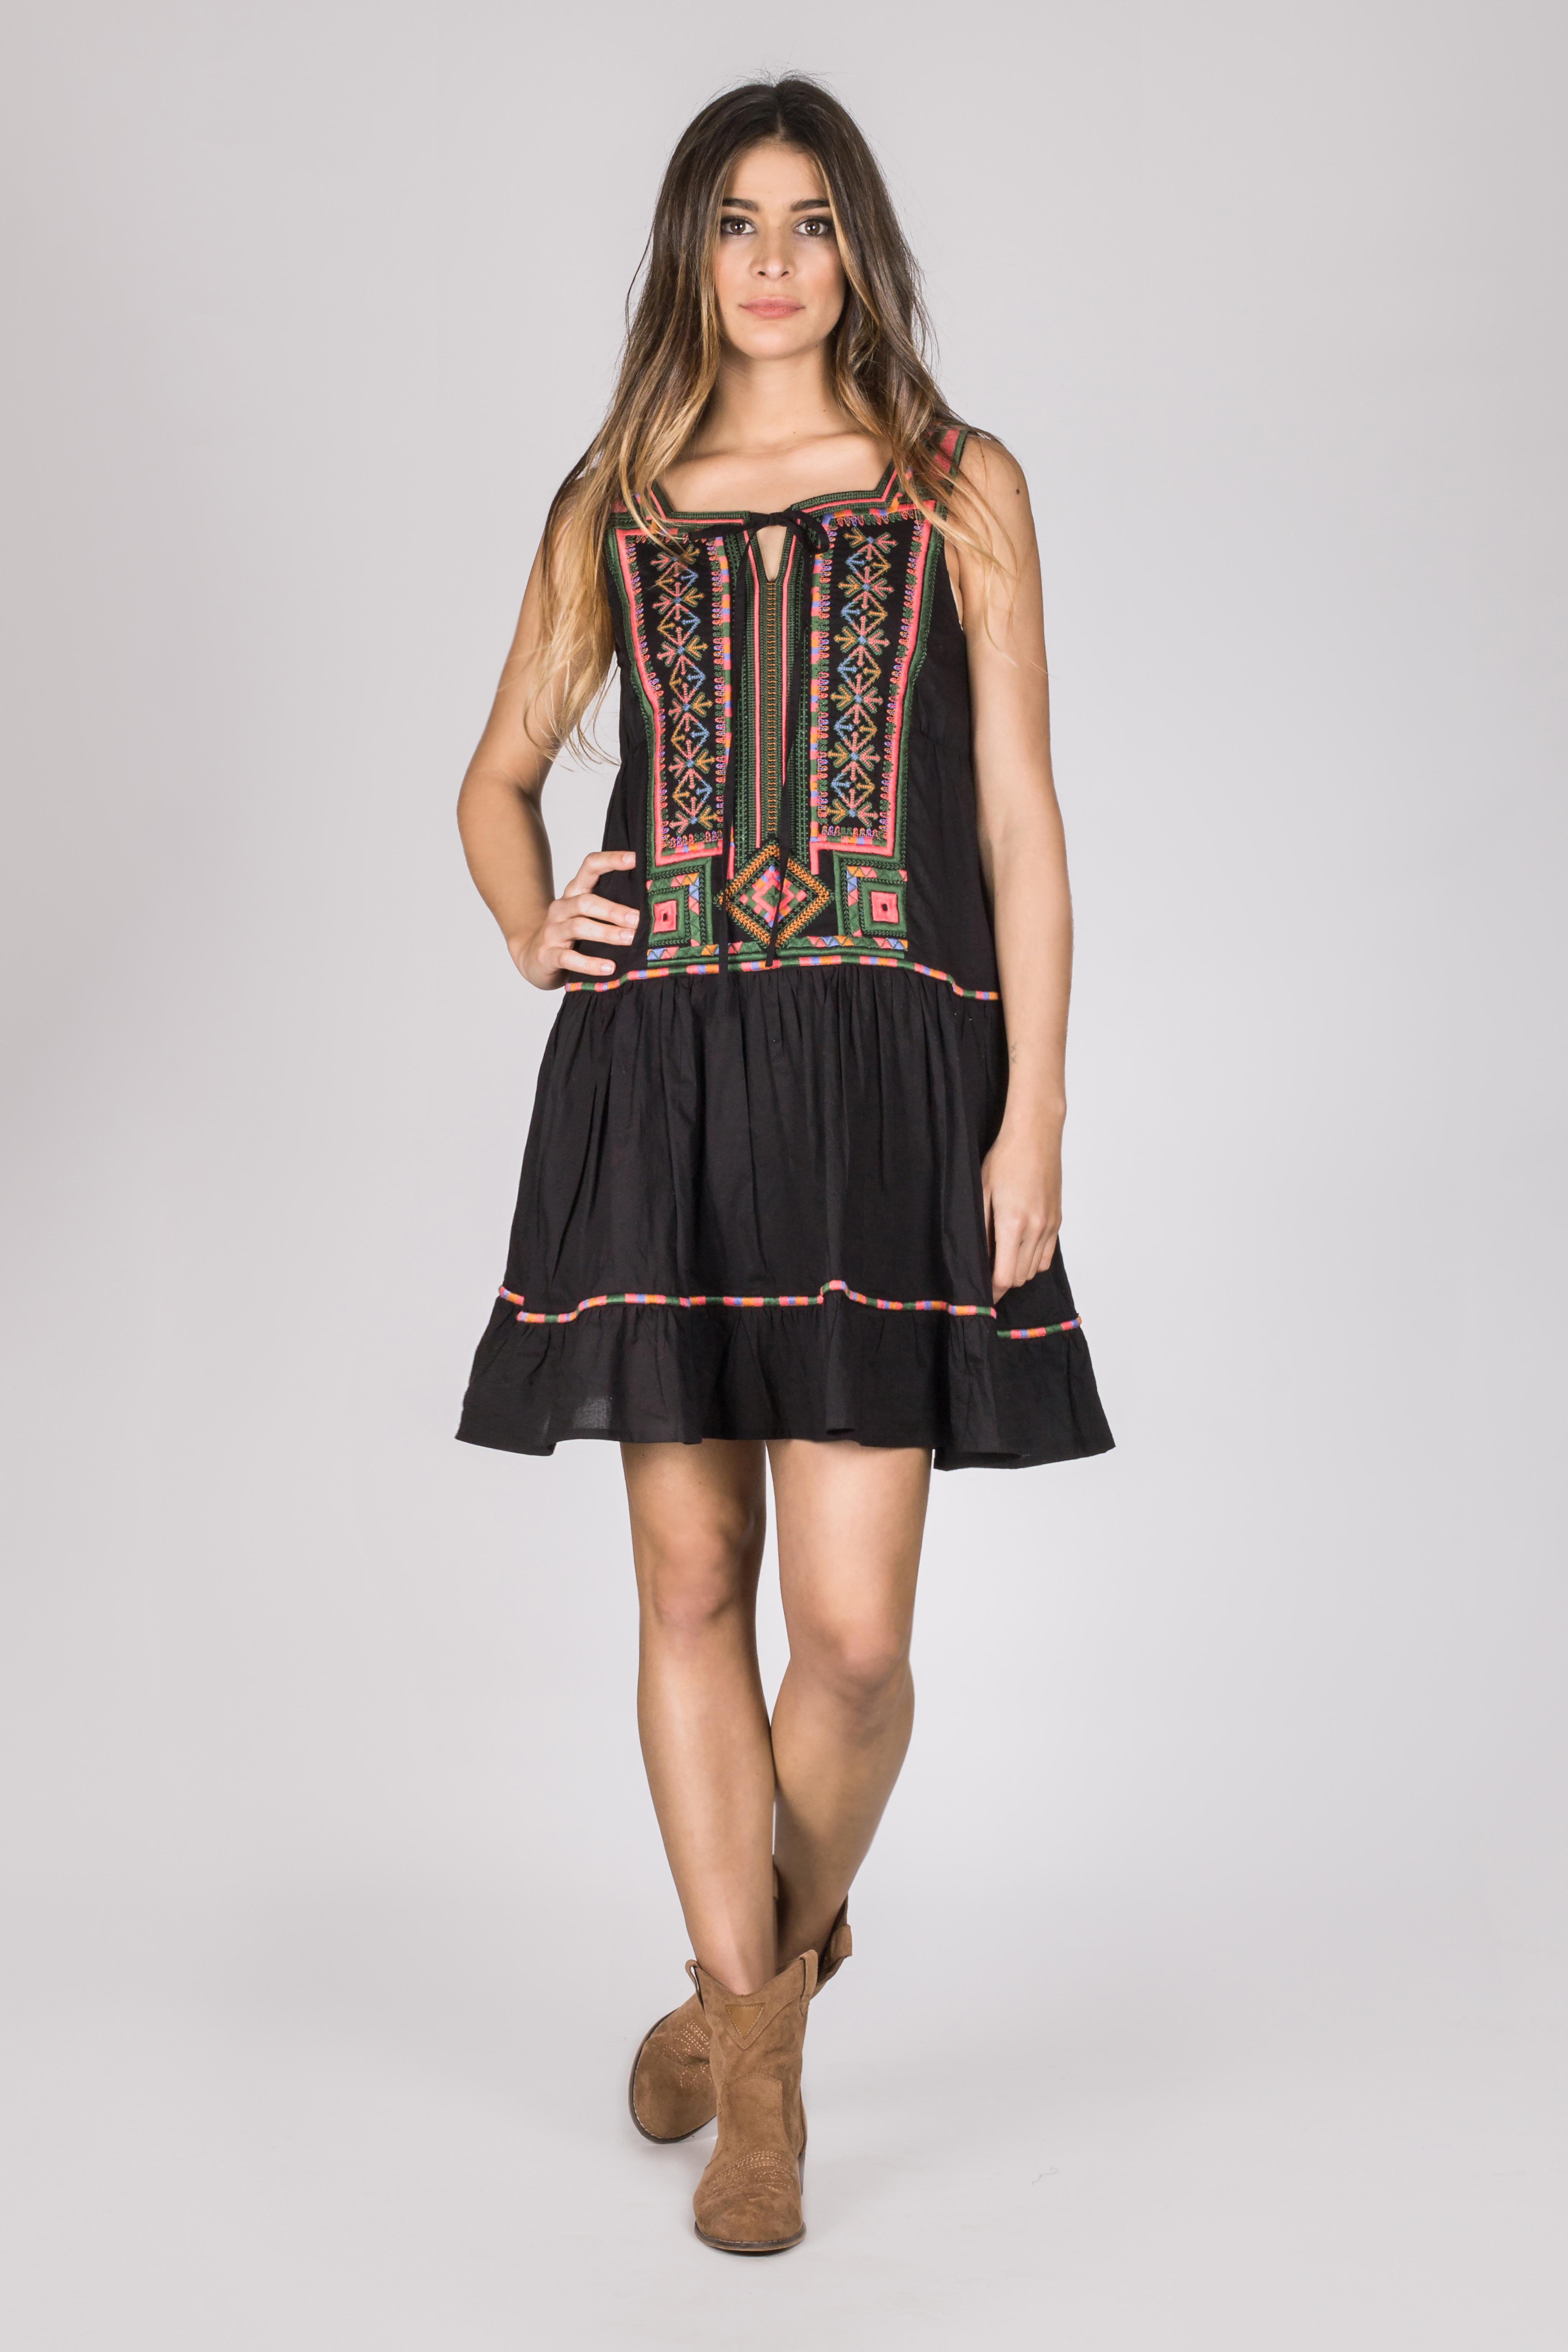 Shoklett: Little Black Embroidered Boho Dress SHOKLETT_10170S19DR